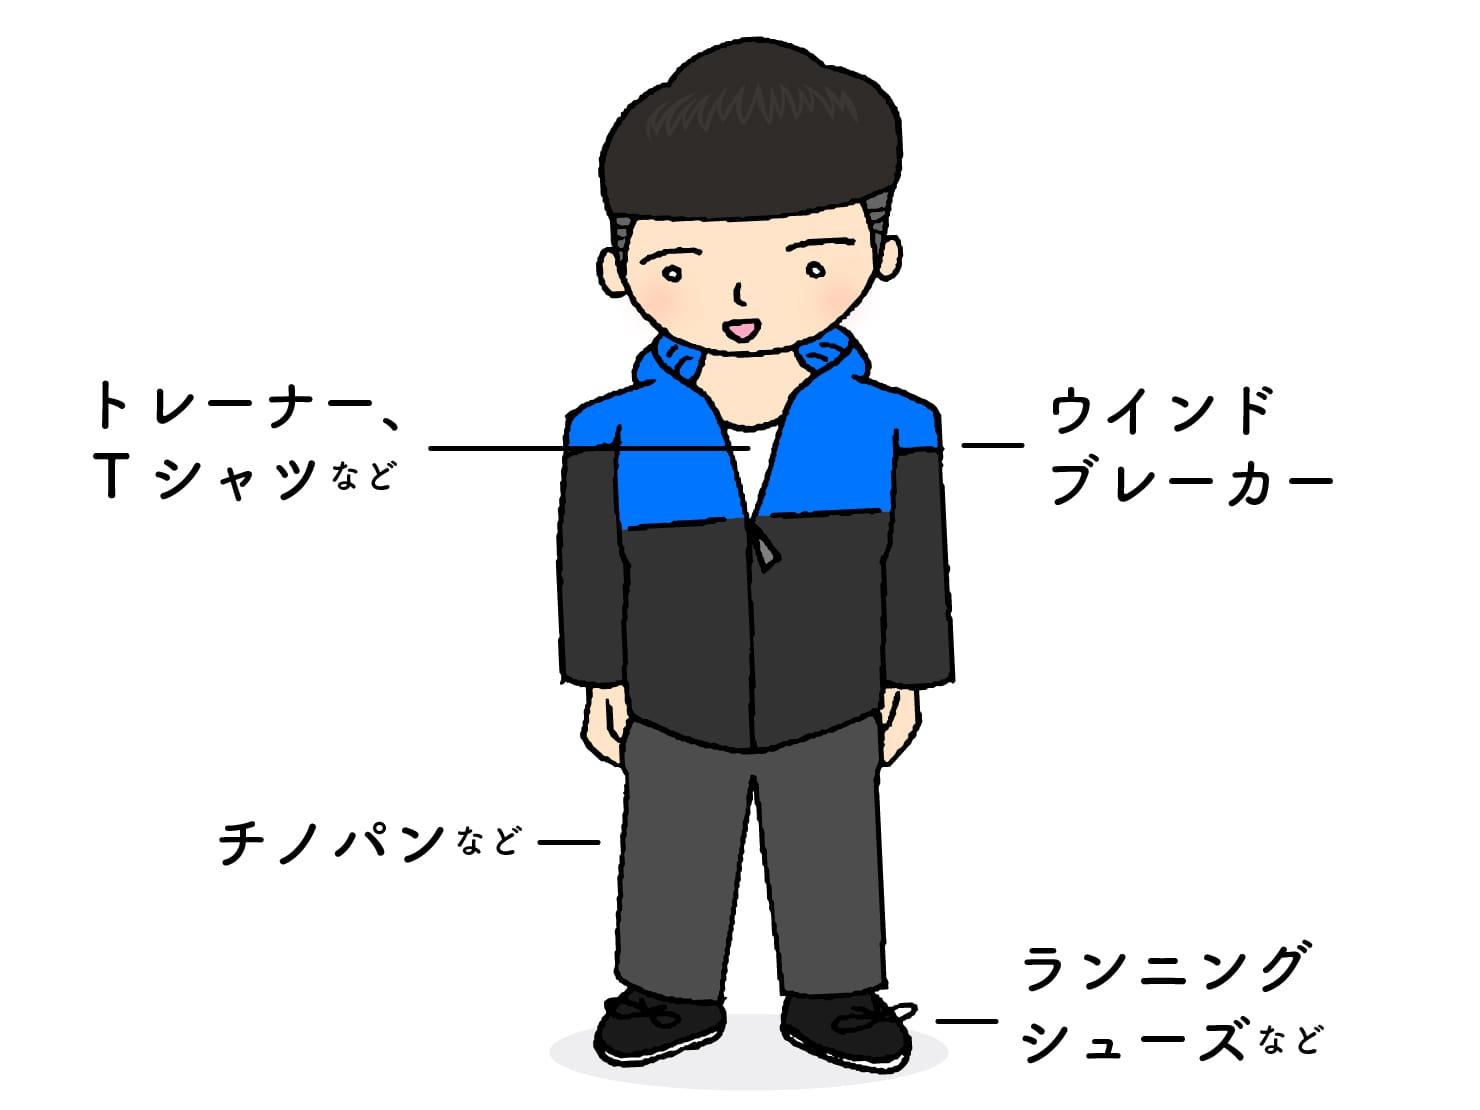 台湾男子お気に入りの冬コーデ「ウインドブレーカー」